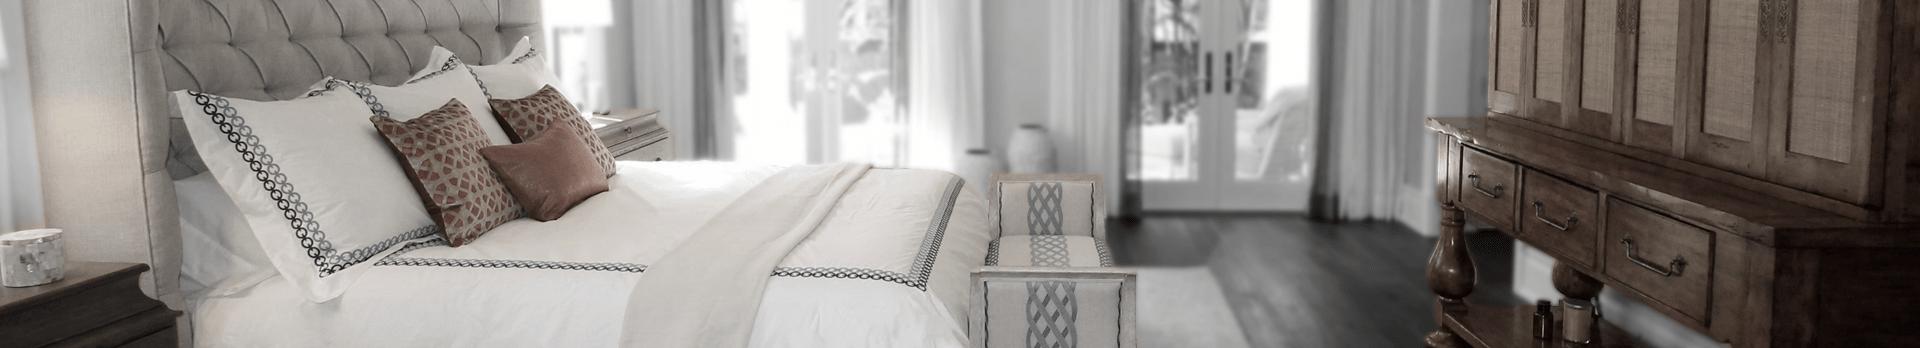 Muebles de Dormitorio | Mobiliario para Cuartos | Mobelfy ®